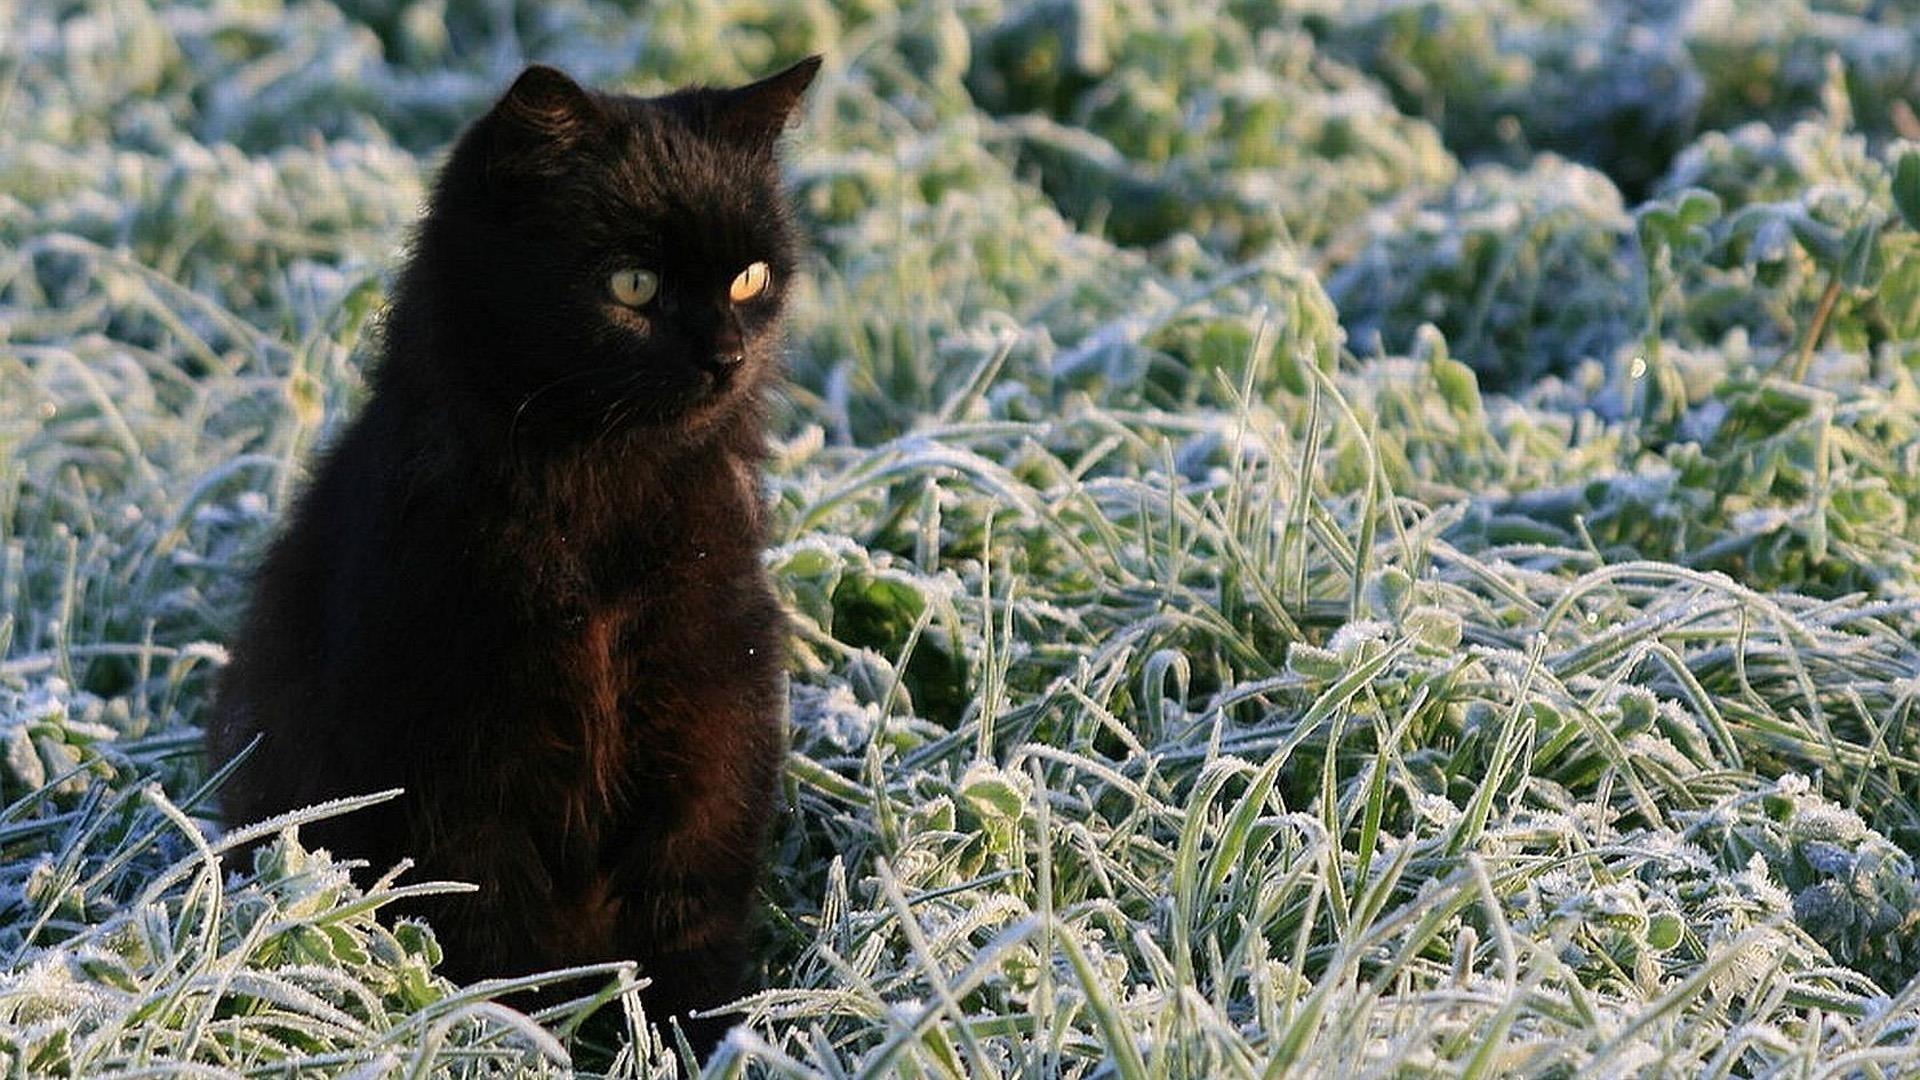 Желтые глаза темно-черная кошка котенок на замерзшей зеленой траве милая кошка обои скачать